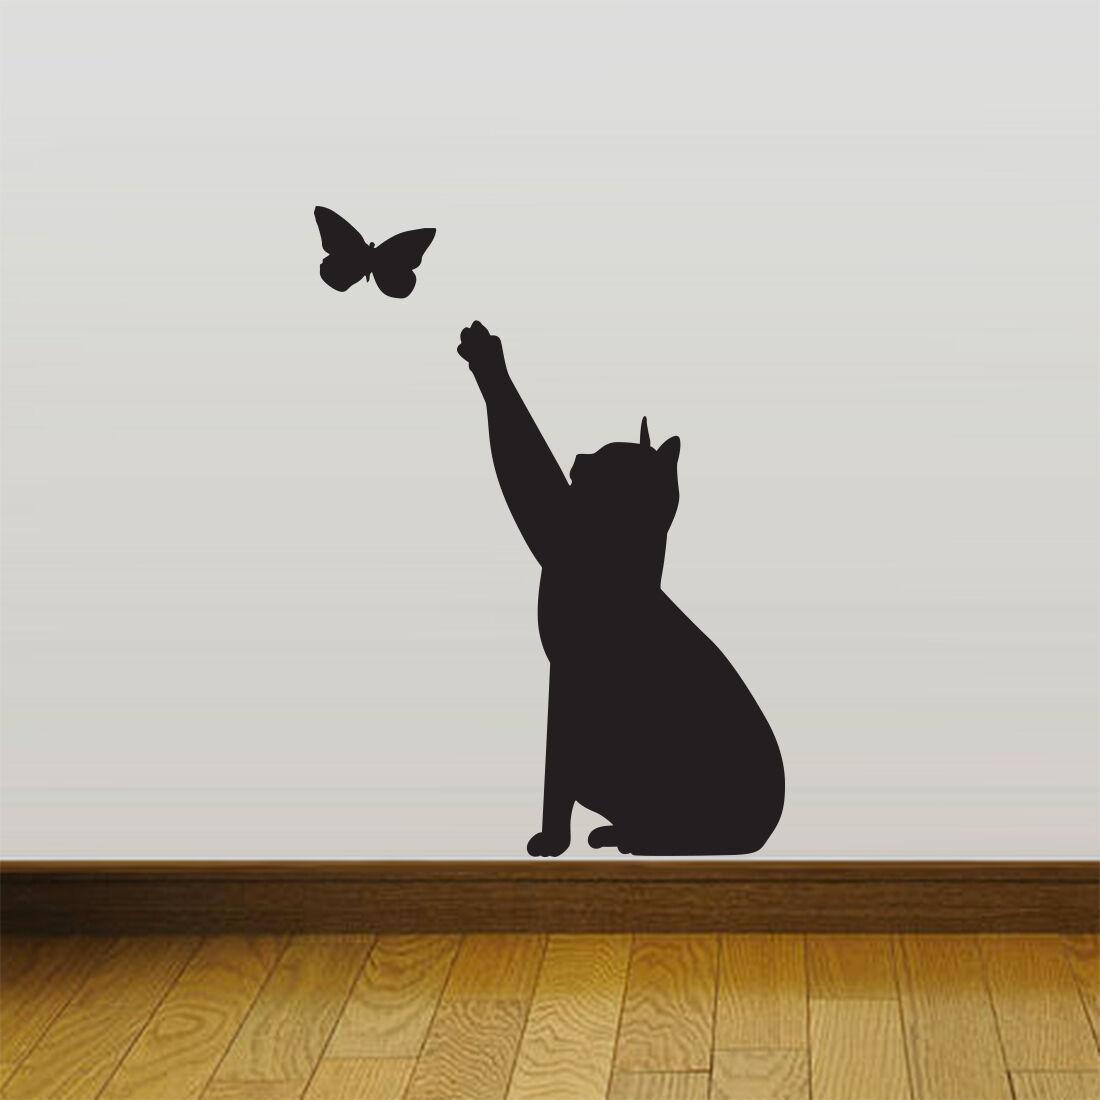 составлен черный кот картинки на стену фоне